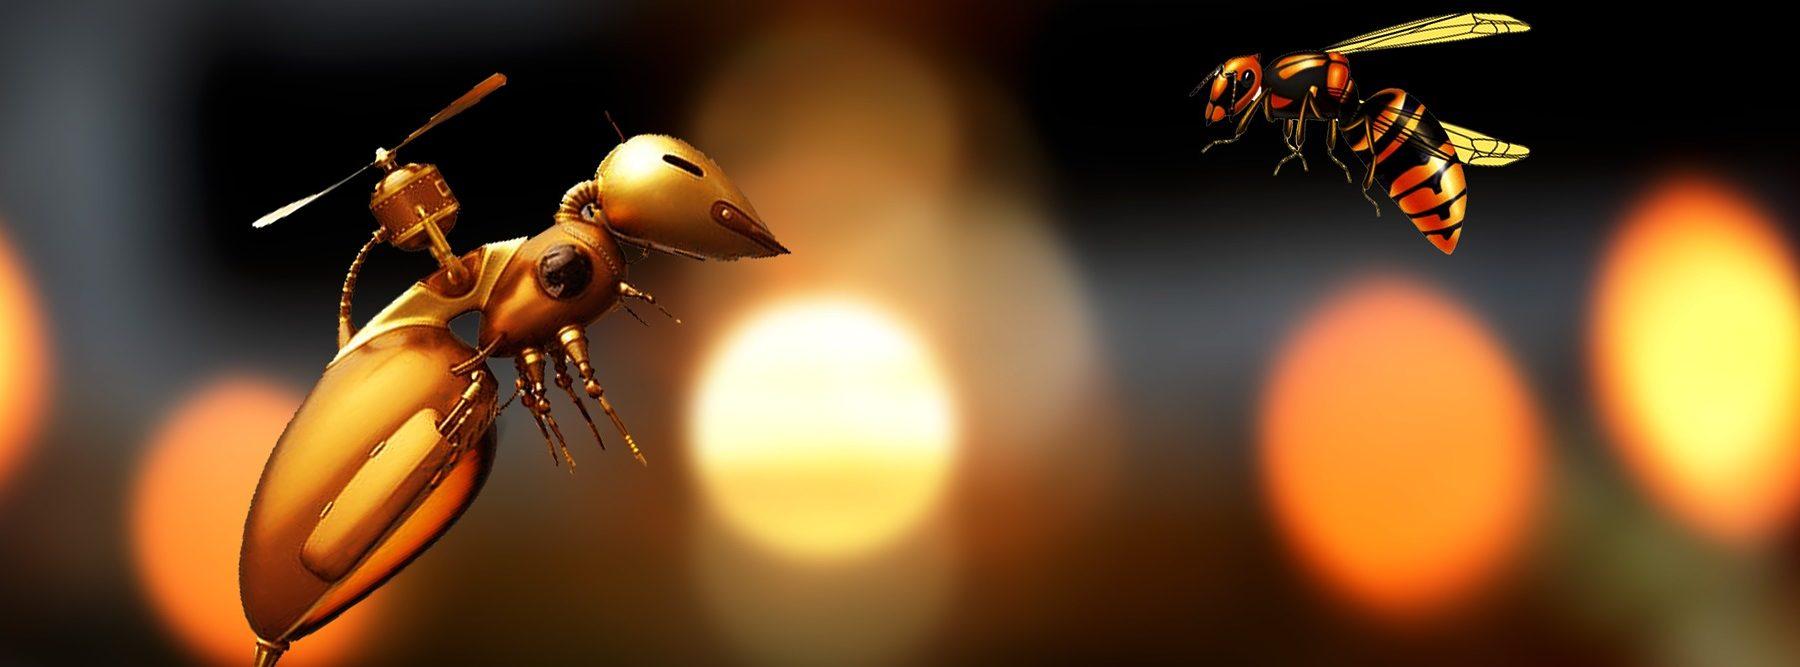 Las abejas robot podrían ser el futuro de la polinización